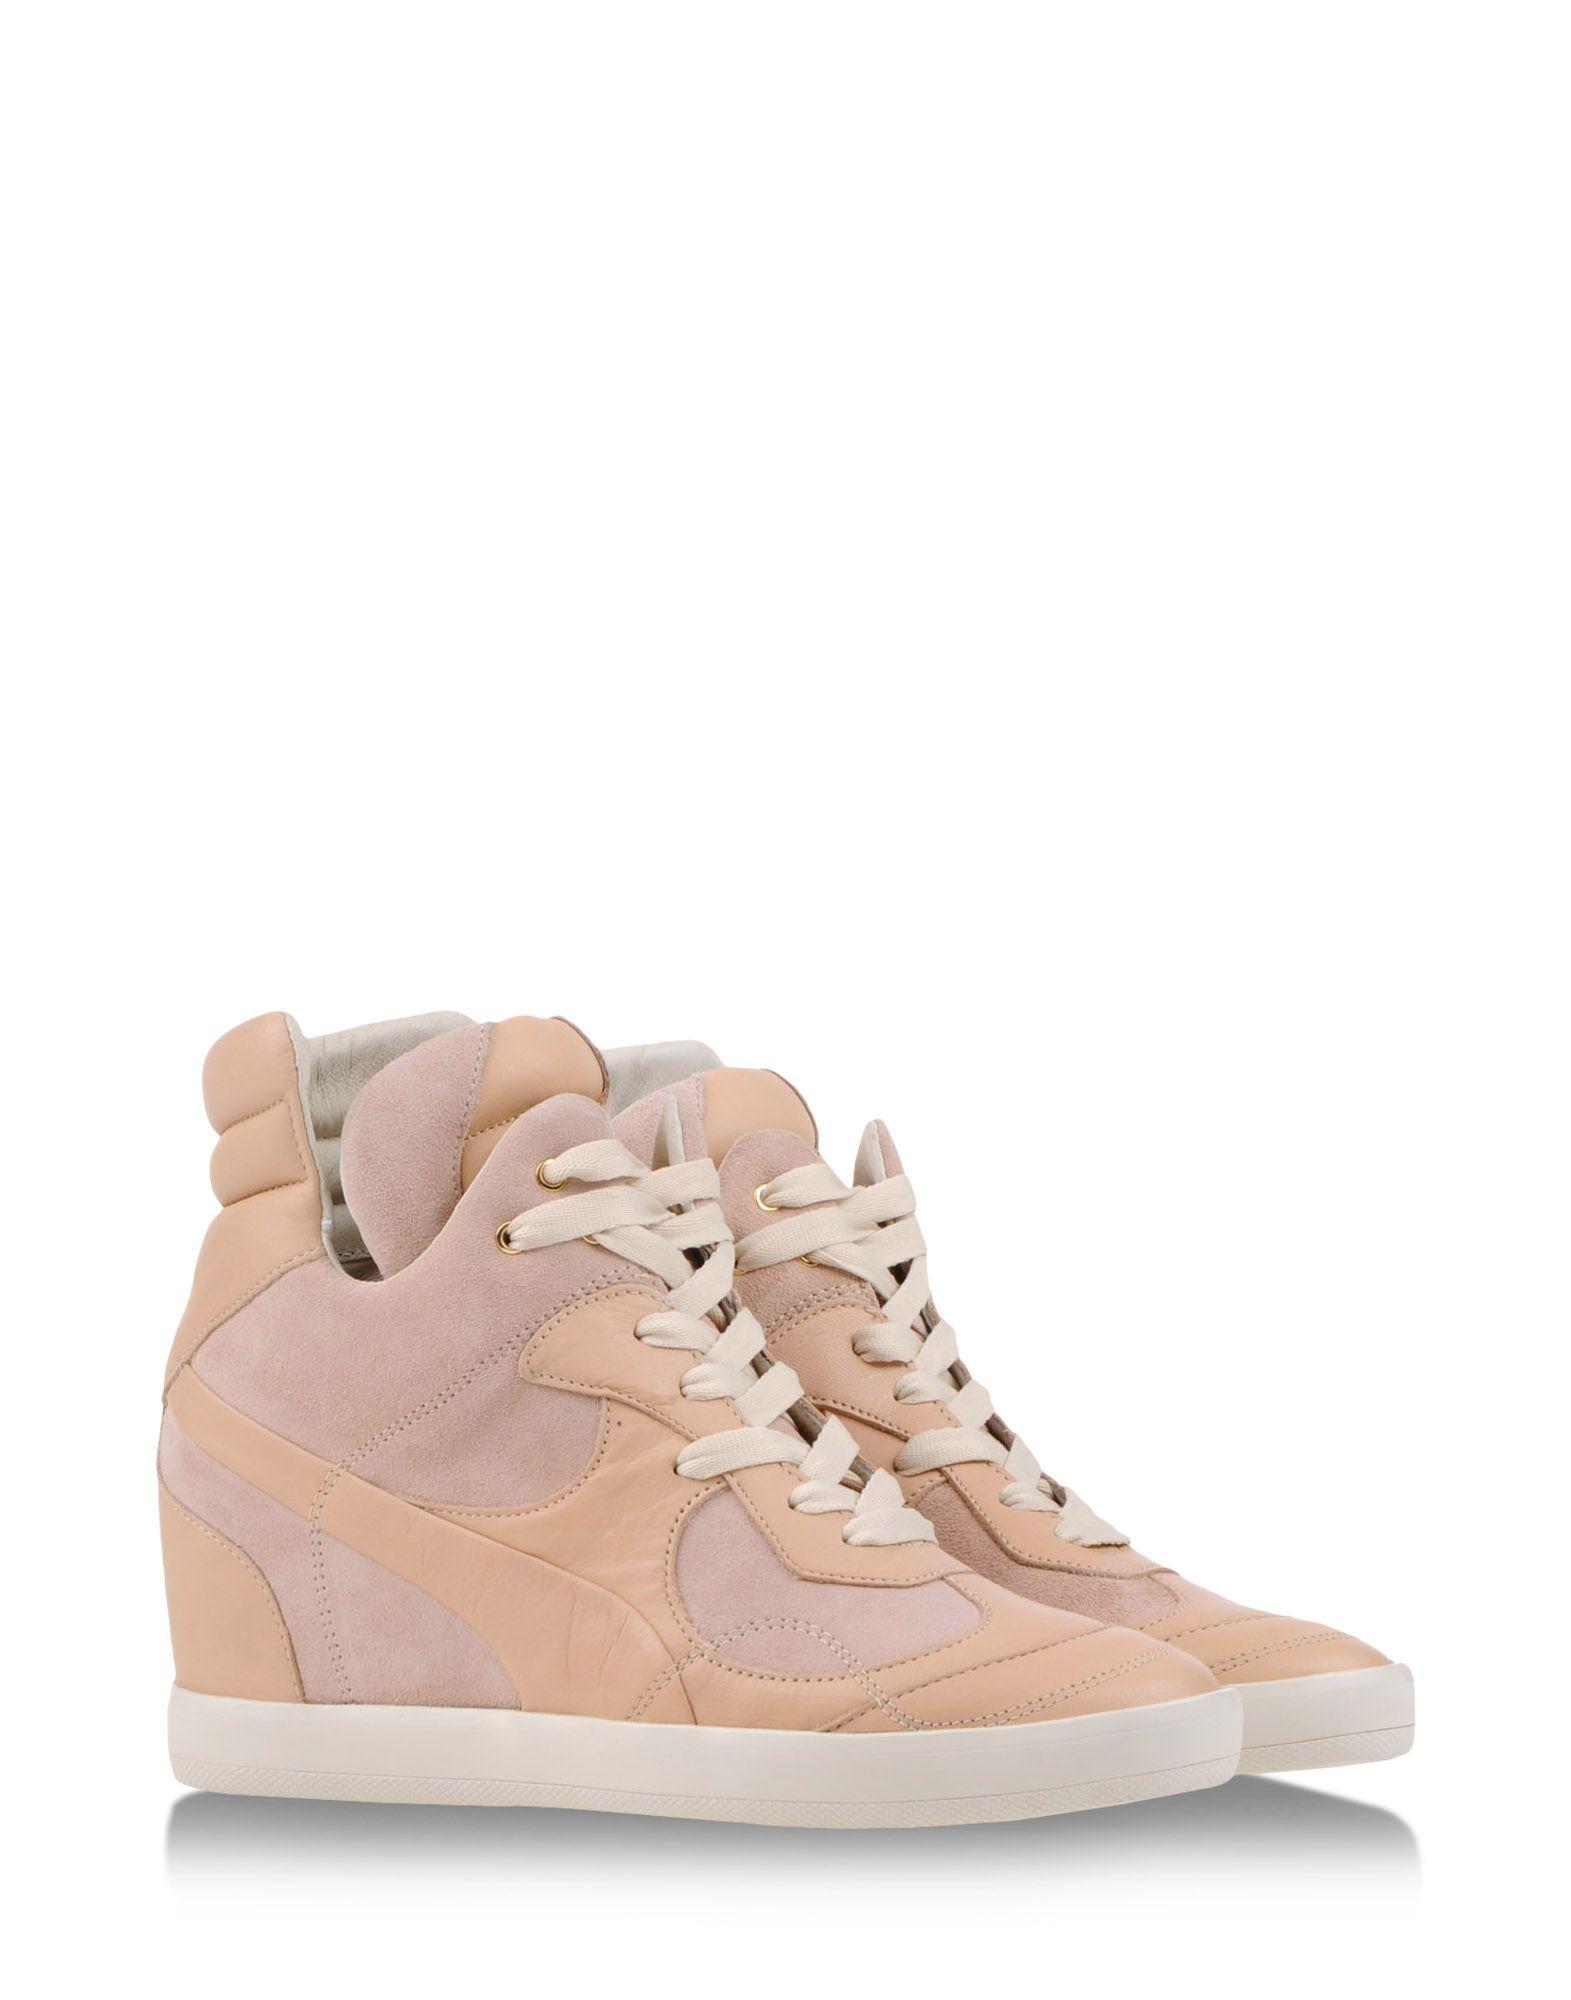 alexander mcqueen puma women's sneakers